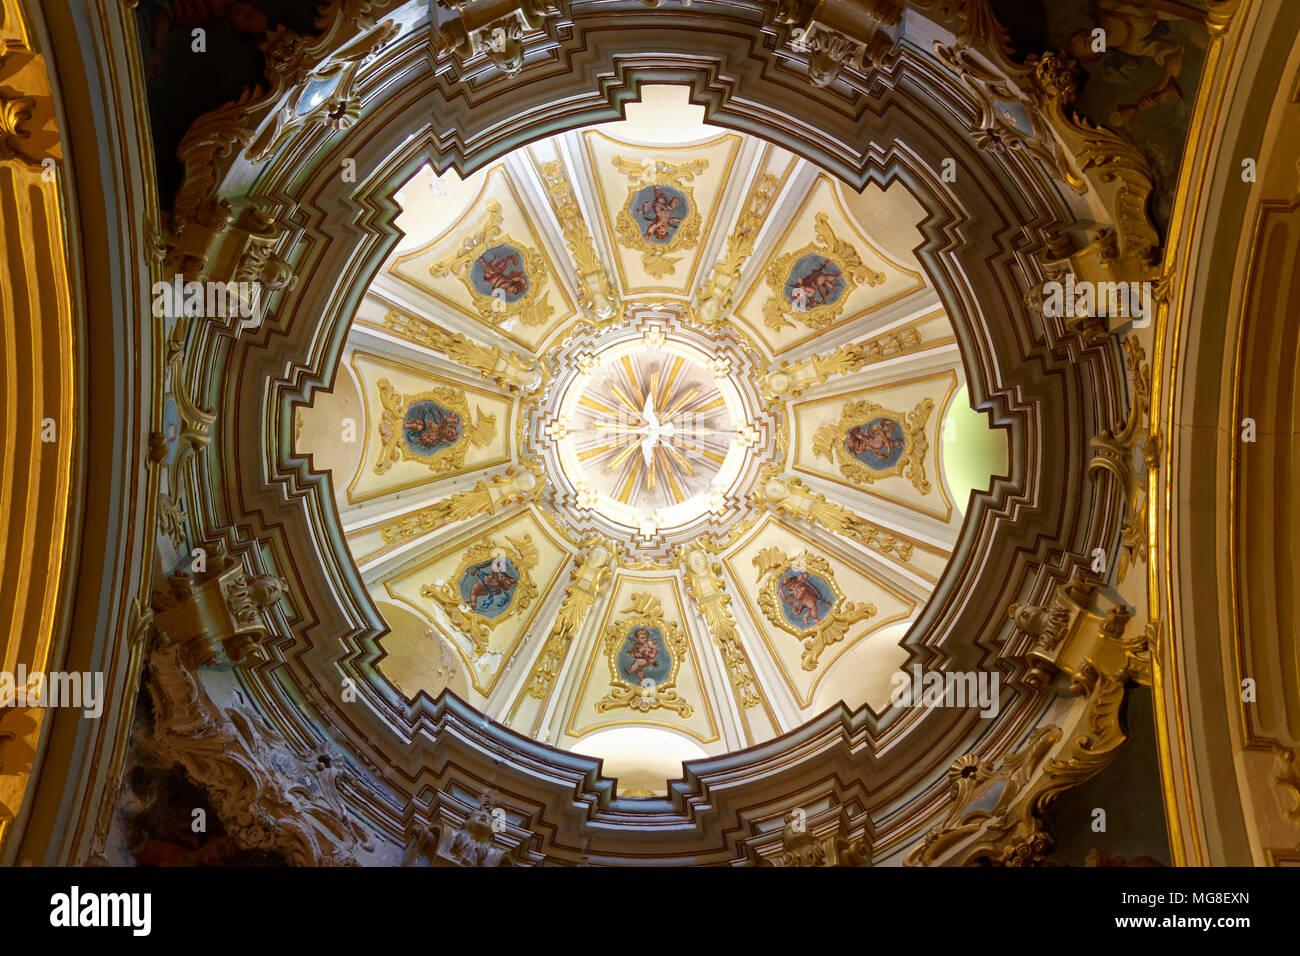 Gewölbte Decke, Kuppel über Seitenaltar, der Innenraum, die Kirche St. Bartholomäus, die Römisch-katholische Kirche Stockbild